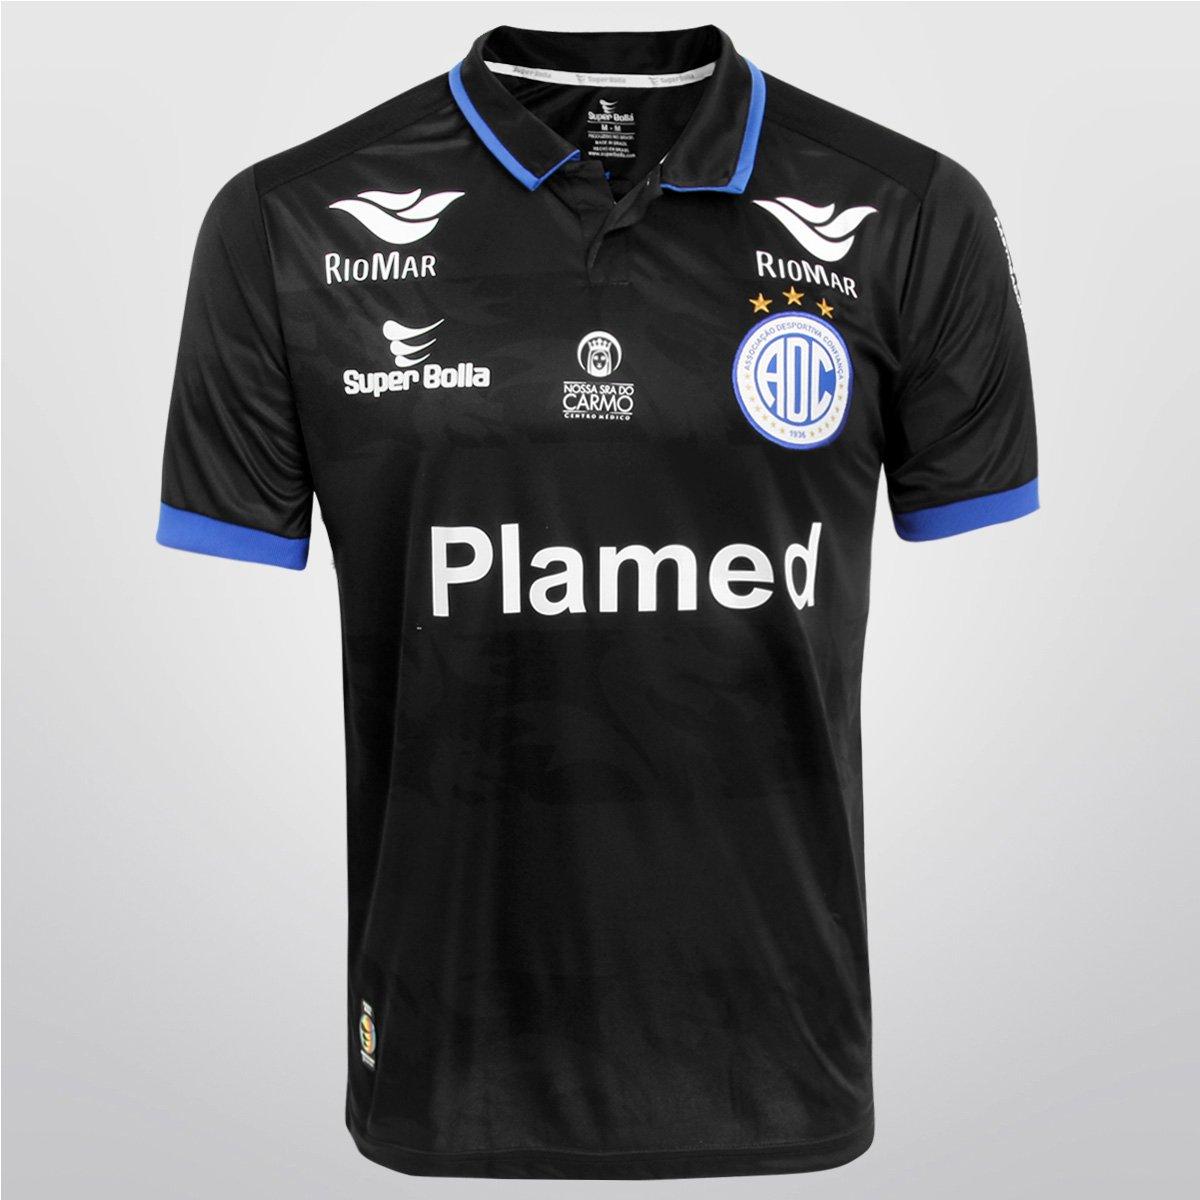 Camisa Super Bolla Confiança III 2015 nº 10 - Jogador - Compre Agora ... 7fcde5289a474